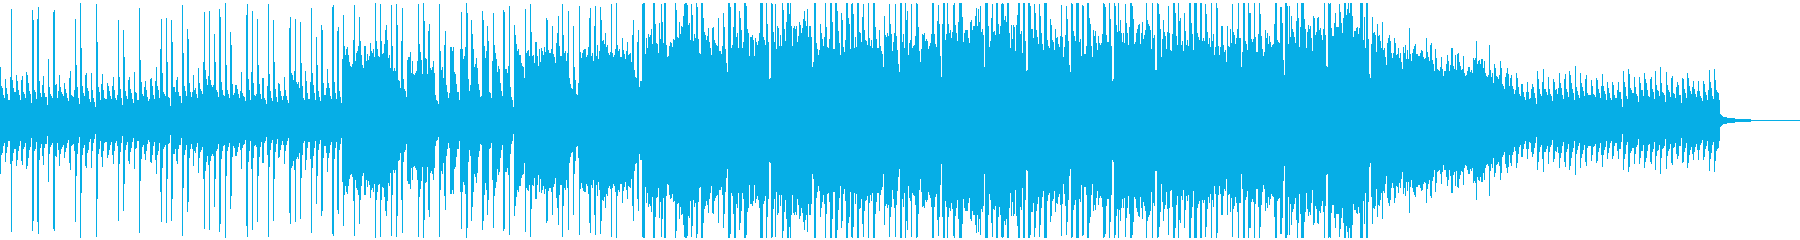 素朴で可愛らしいくも壮大なインスト楽曲の再生済みの波形